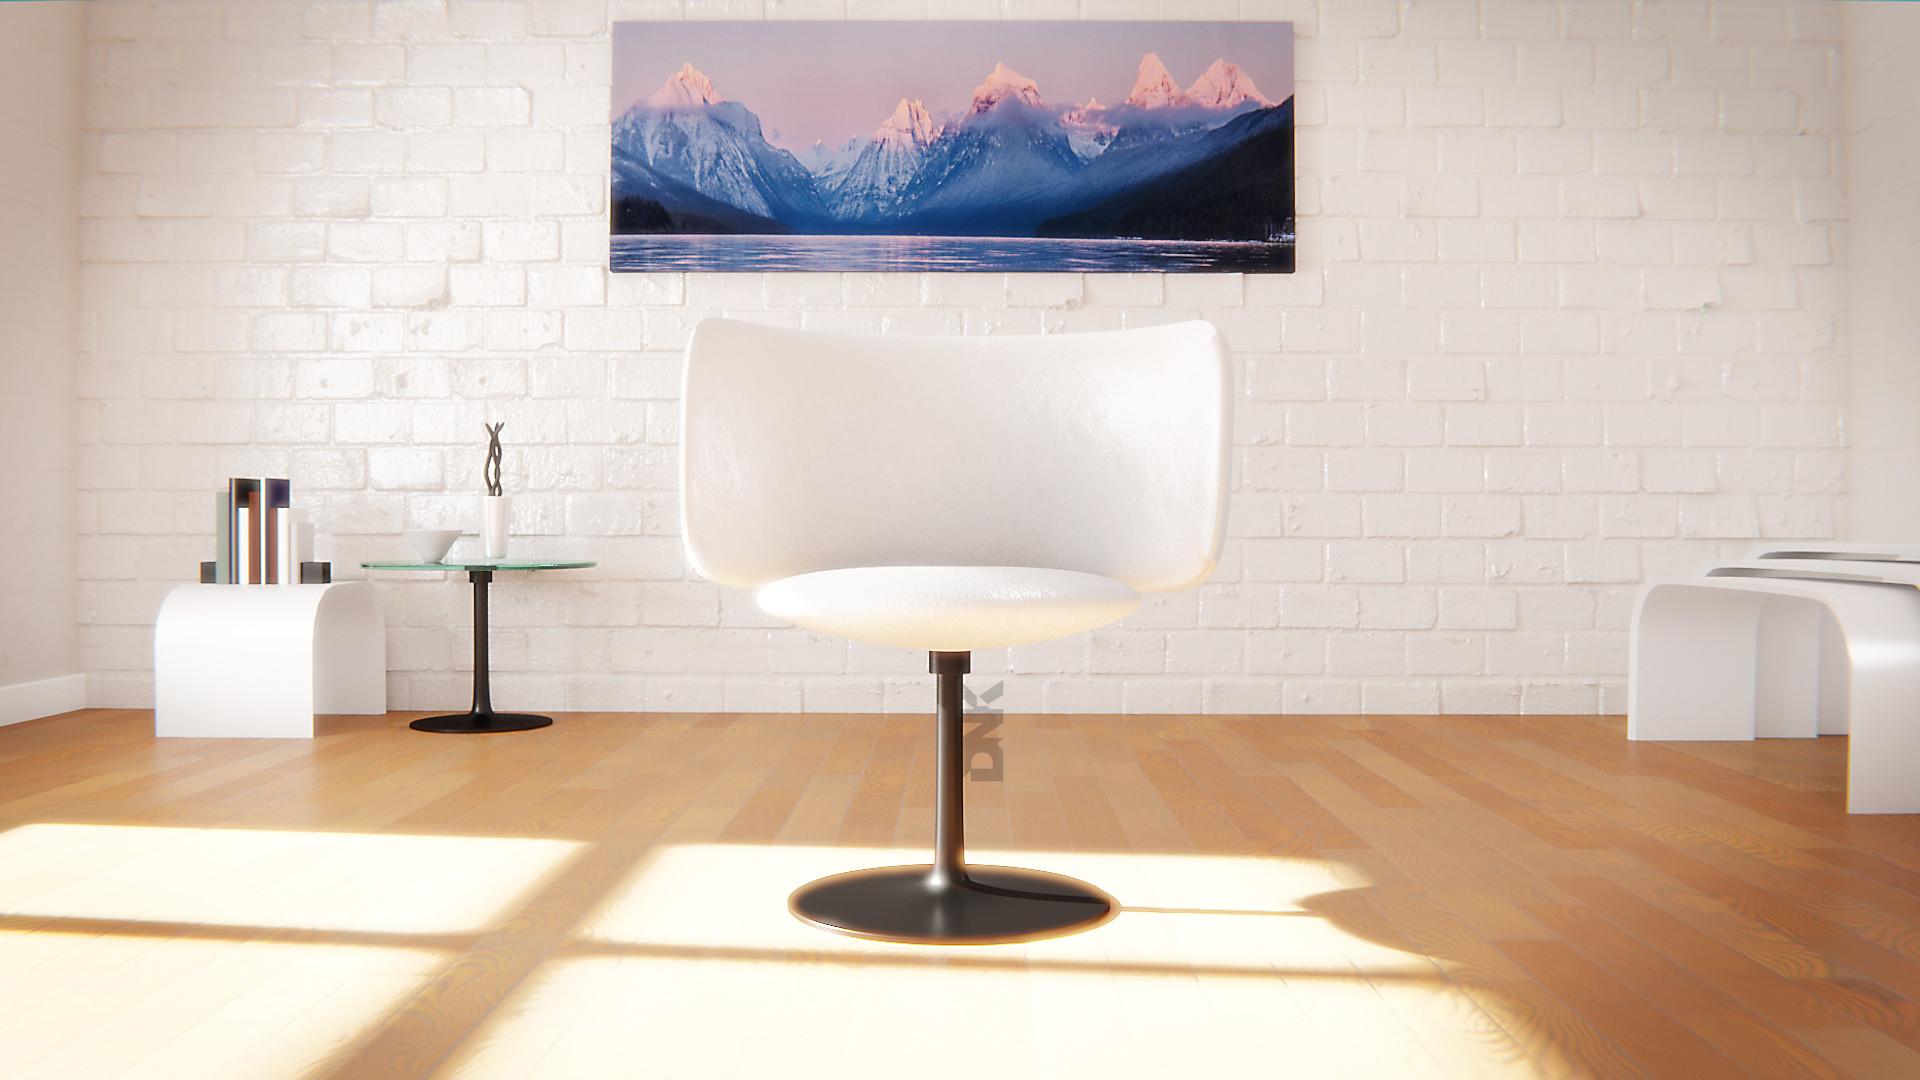 Shamsuddeen alkali chair scene new fin